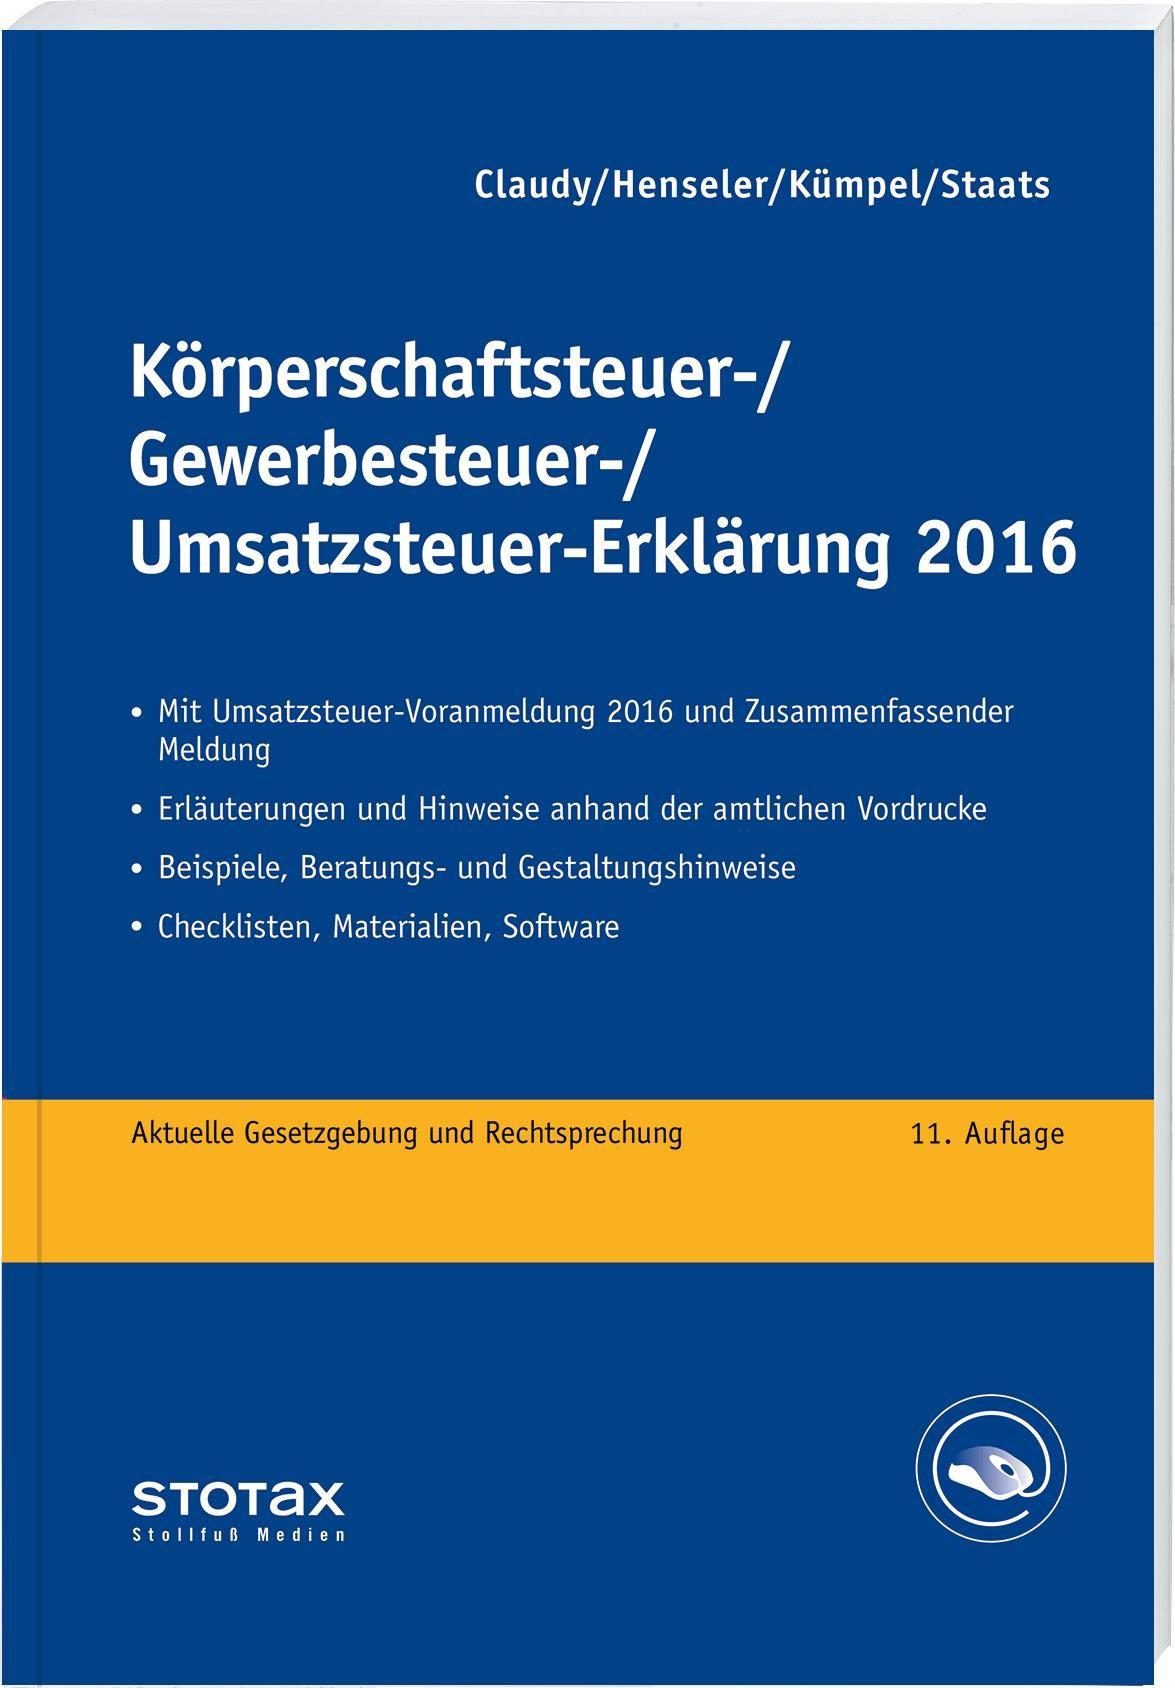 Körperschaftsteuer-, Gewerbesteuer-, Umsatzsteuer-Erklärung 2016   Claudy / Henseler / Kümper   11. Auflage, 2017   Buch (Cover)